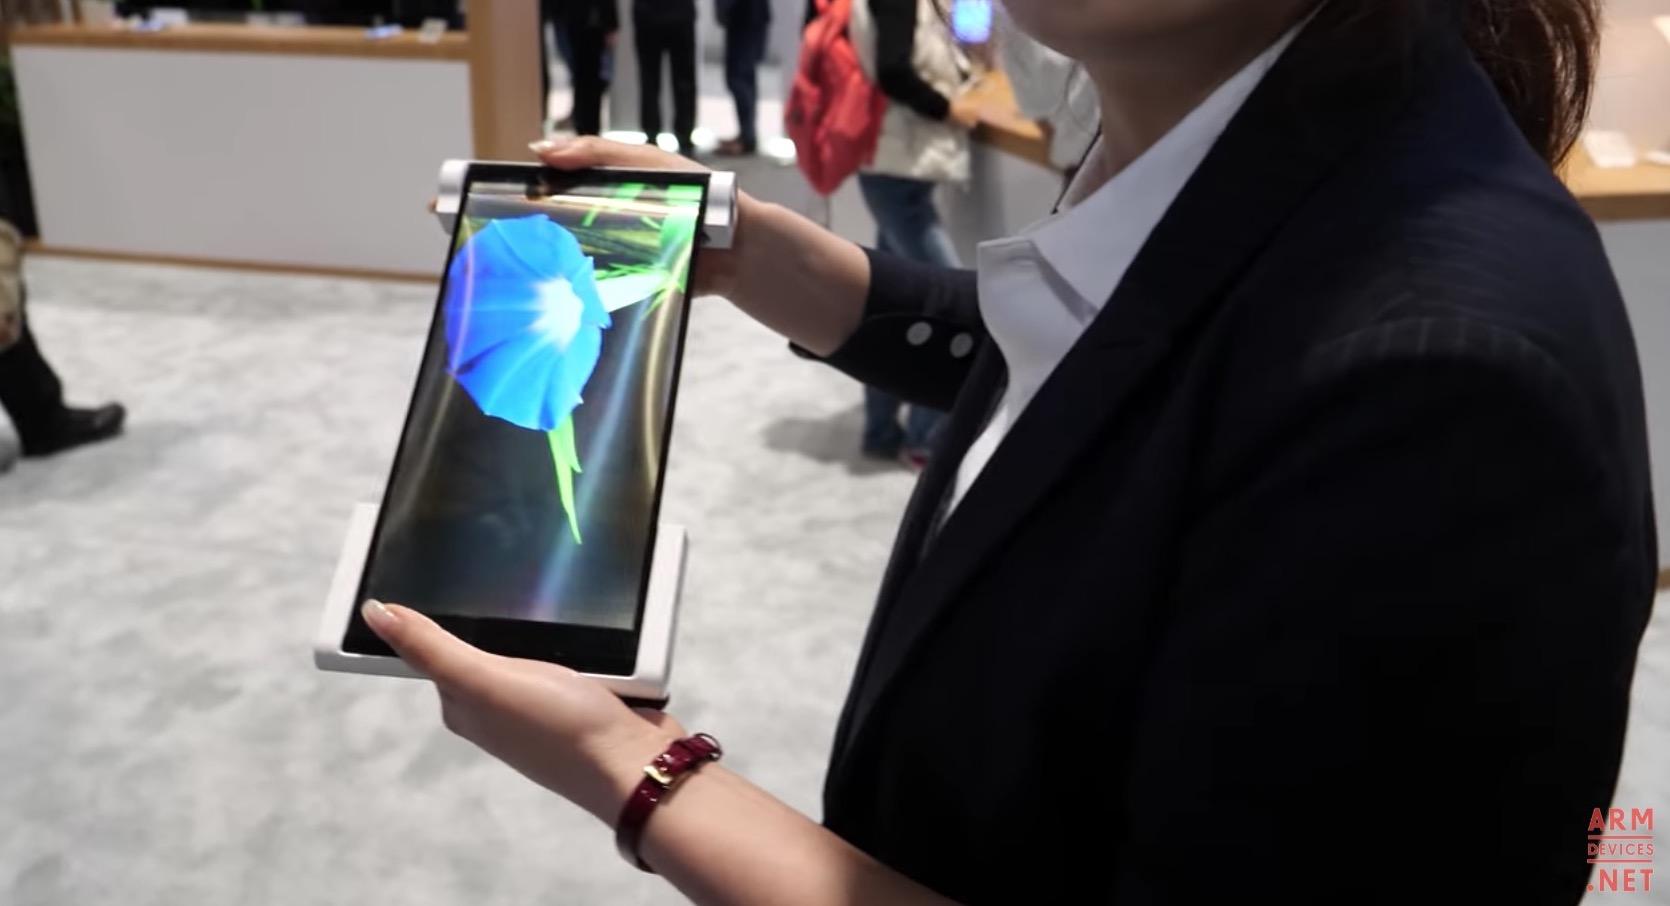 BOE trình diễn công nghệ màn hình OLED dẻo 12.3 inch có thể cuộn lại